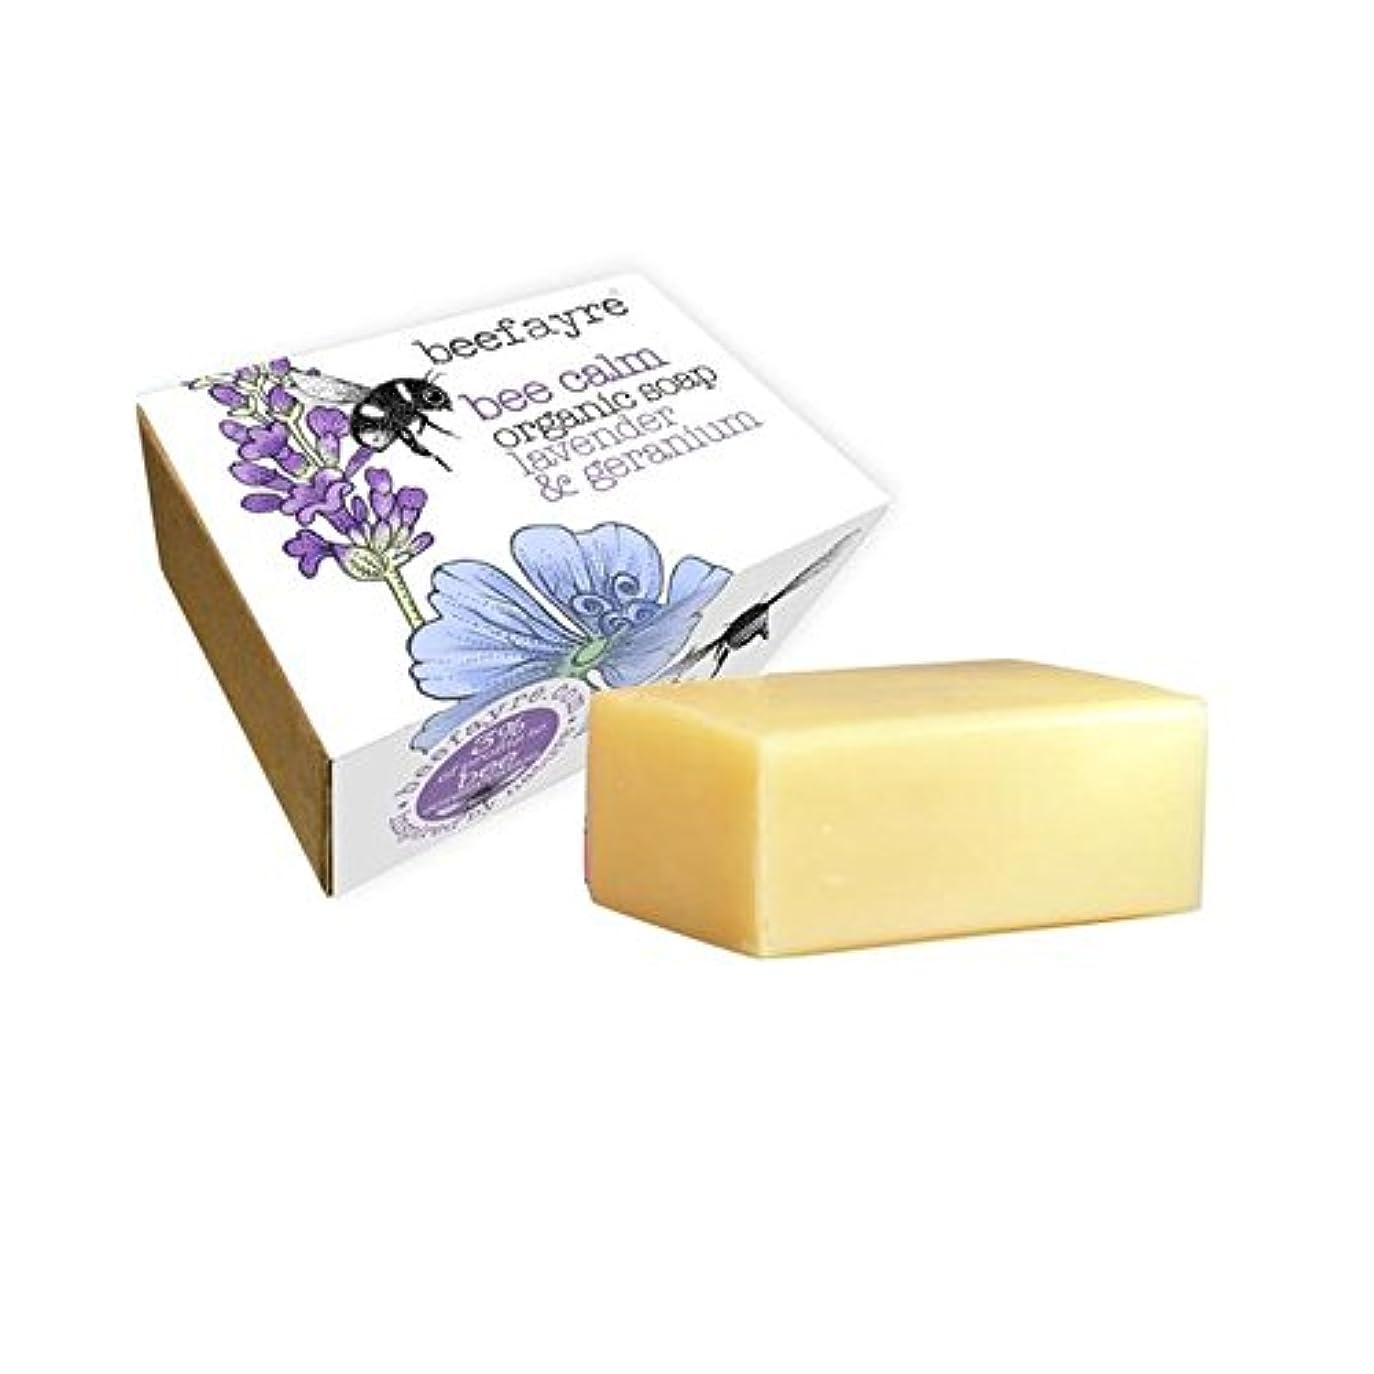 モーションが欲しい会計士有機ゼラニウム&ラベンダー石鹸 x2 - Beefayre Organic Geranium & Lavender Soap (Pack of 2) [並行輸入品]